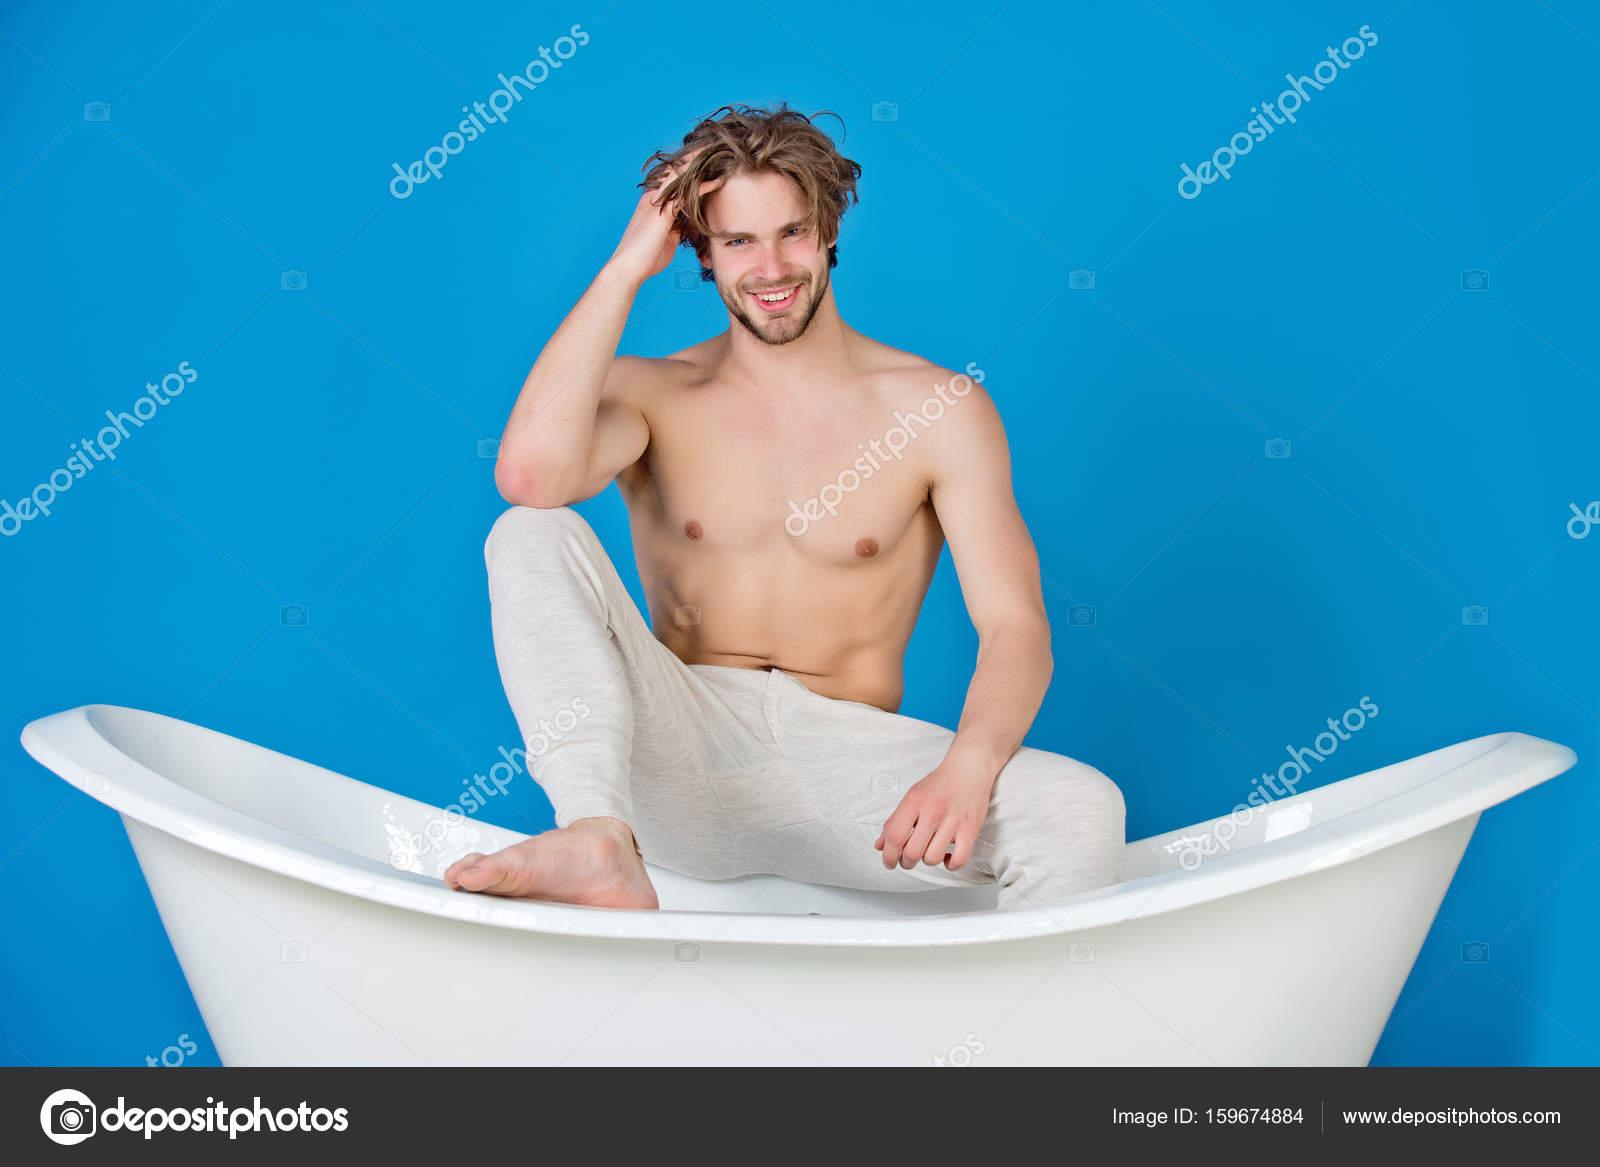 Giovane bello con corpo muscoloso che si siede nella vasca da bagno bianca foto stock - Foto nella vasca da bagno ...